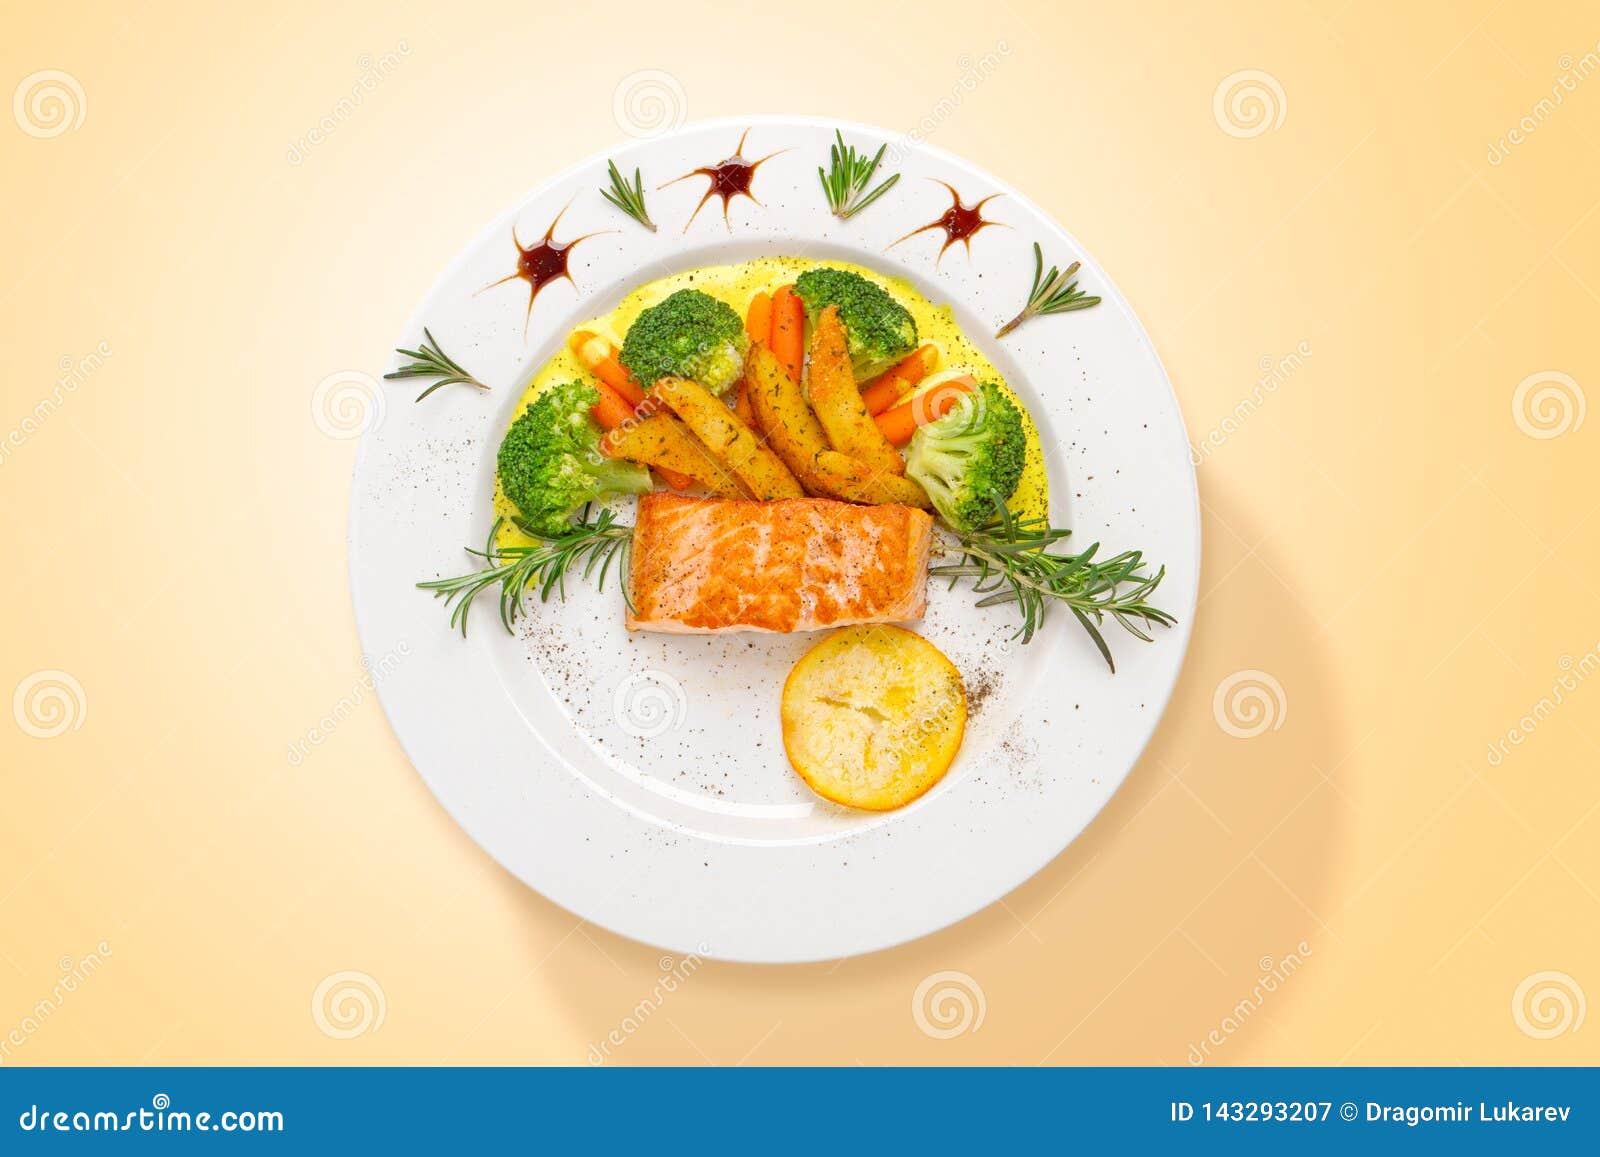 三文鱼用咖喱汁和新鲜蔬菜 r